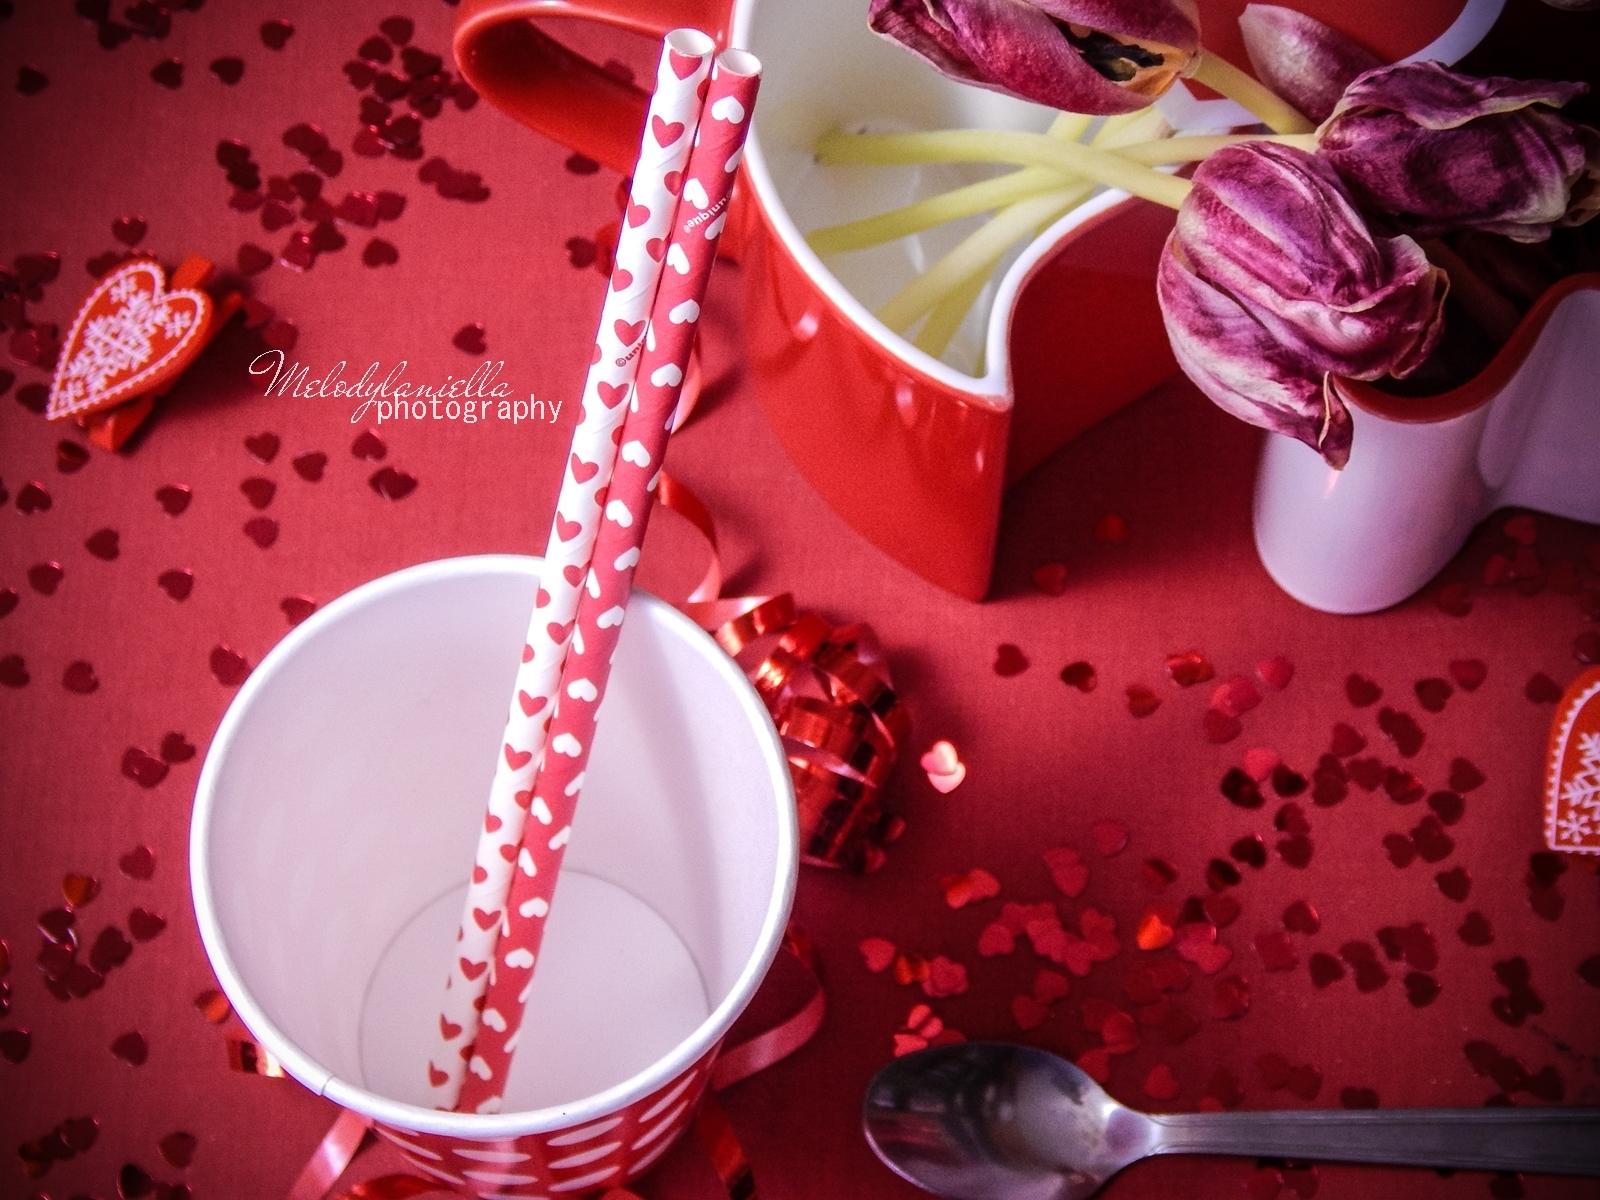 9 jak udekorować stół na walentynki walentynkowa kolacja pomysły na walentynkowe prezenty walentynkowe dekoracje home interior valentines blog melodylaniella partybox red walentynkowa kolacja